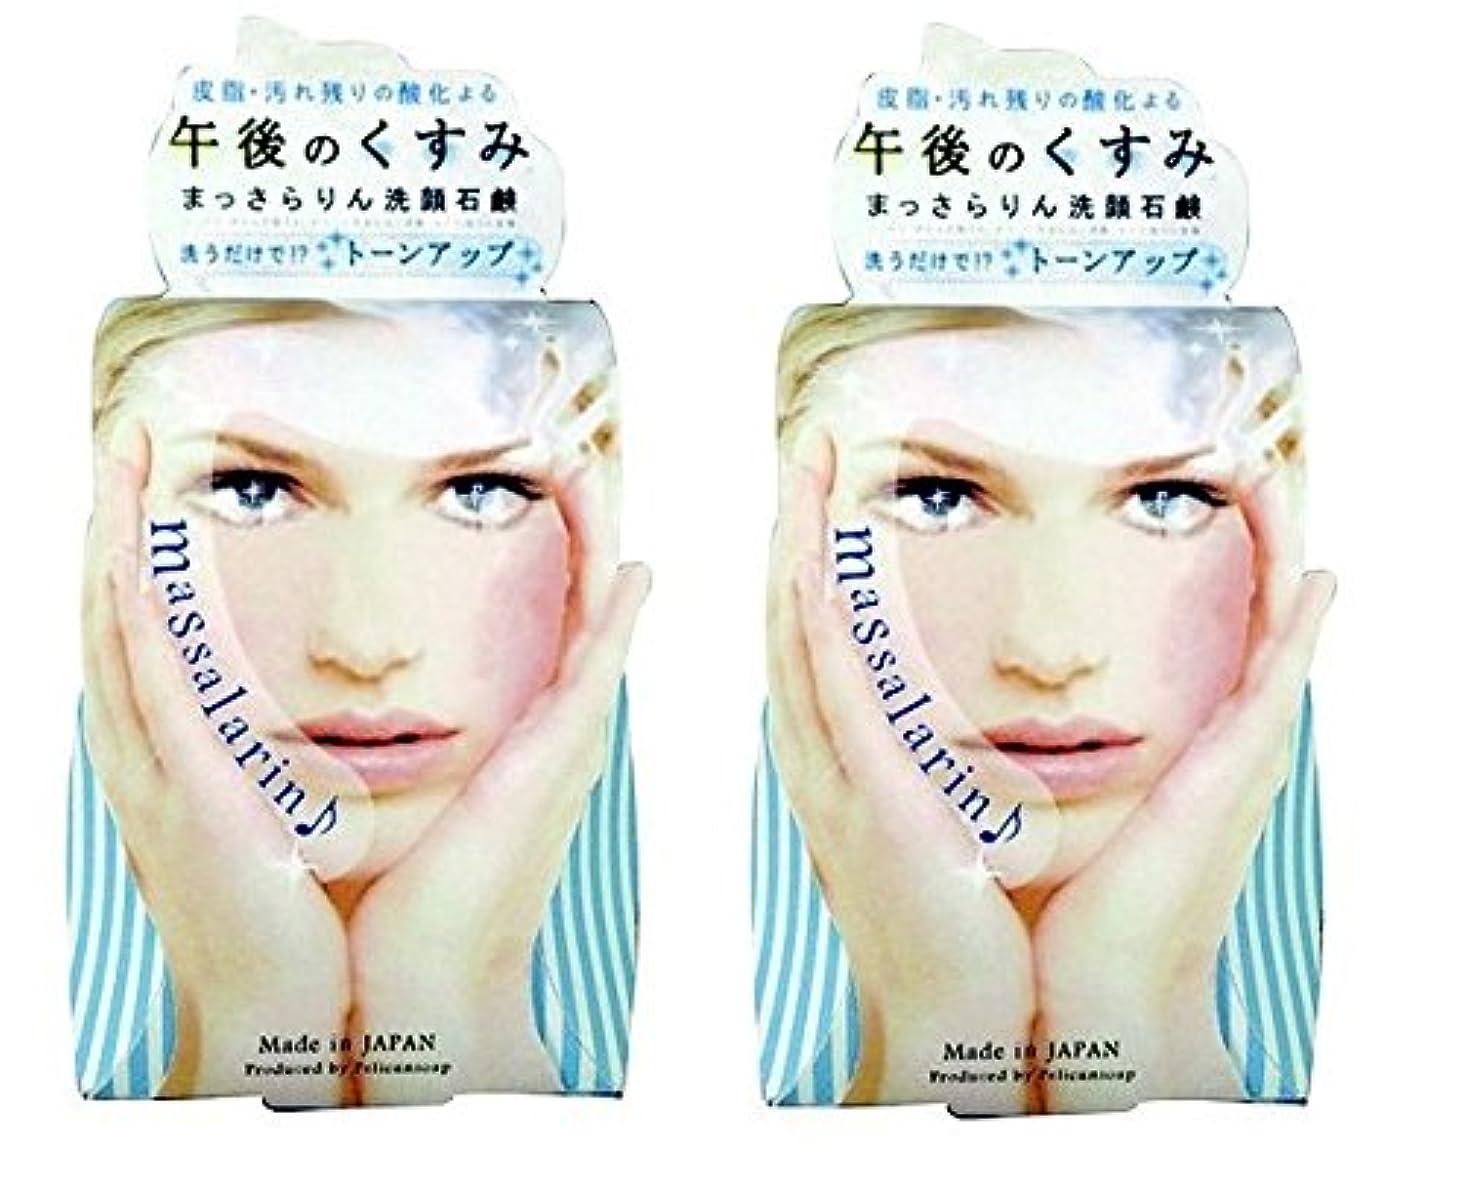 テクスチャー消えるキルトまっさらりん洗顔石鹸 100g (2個)